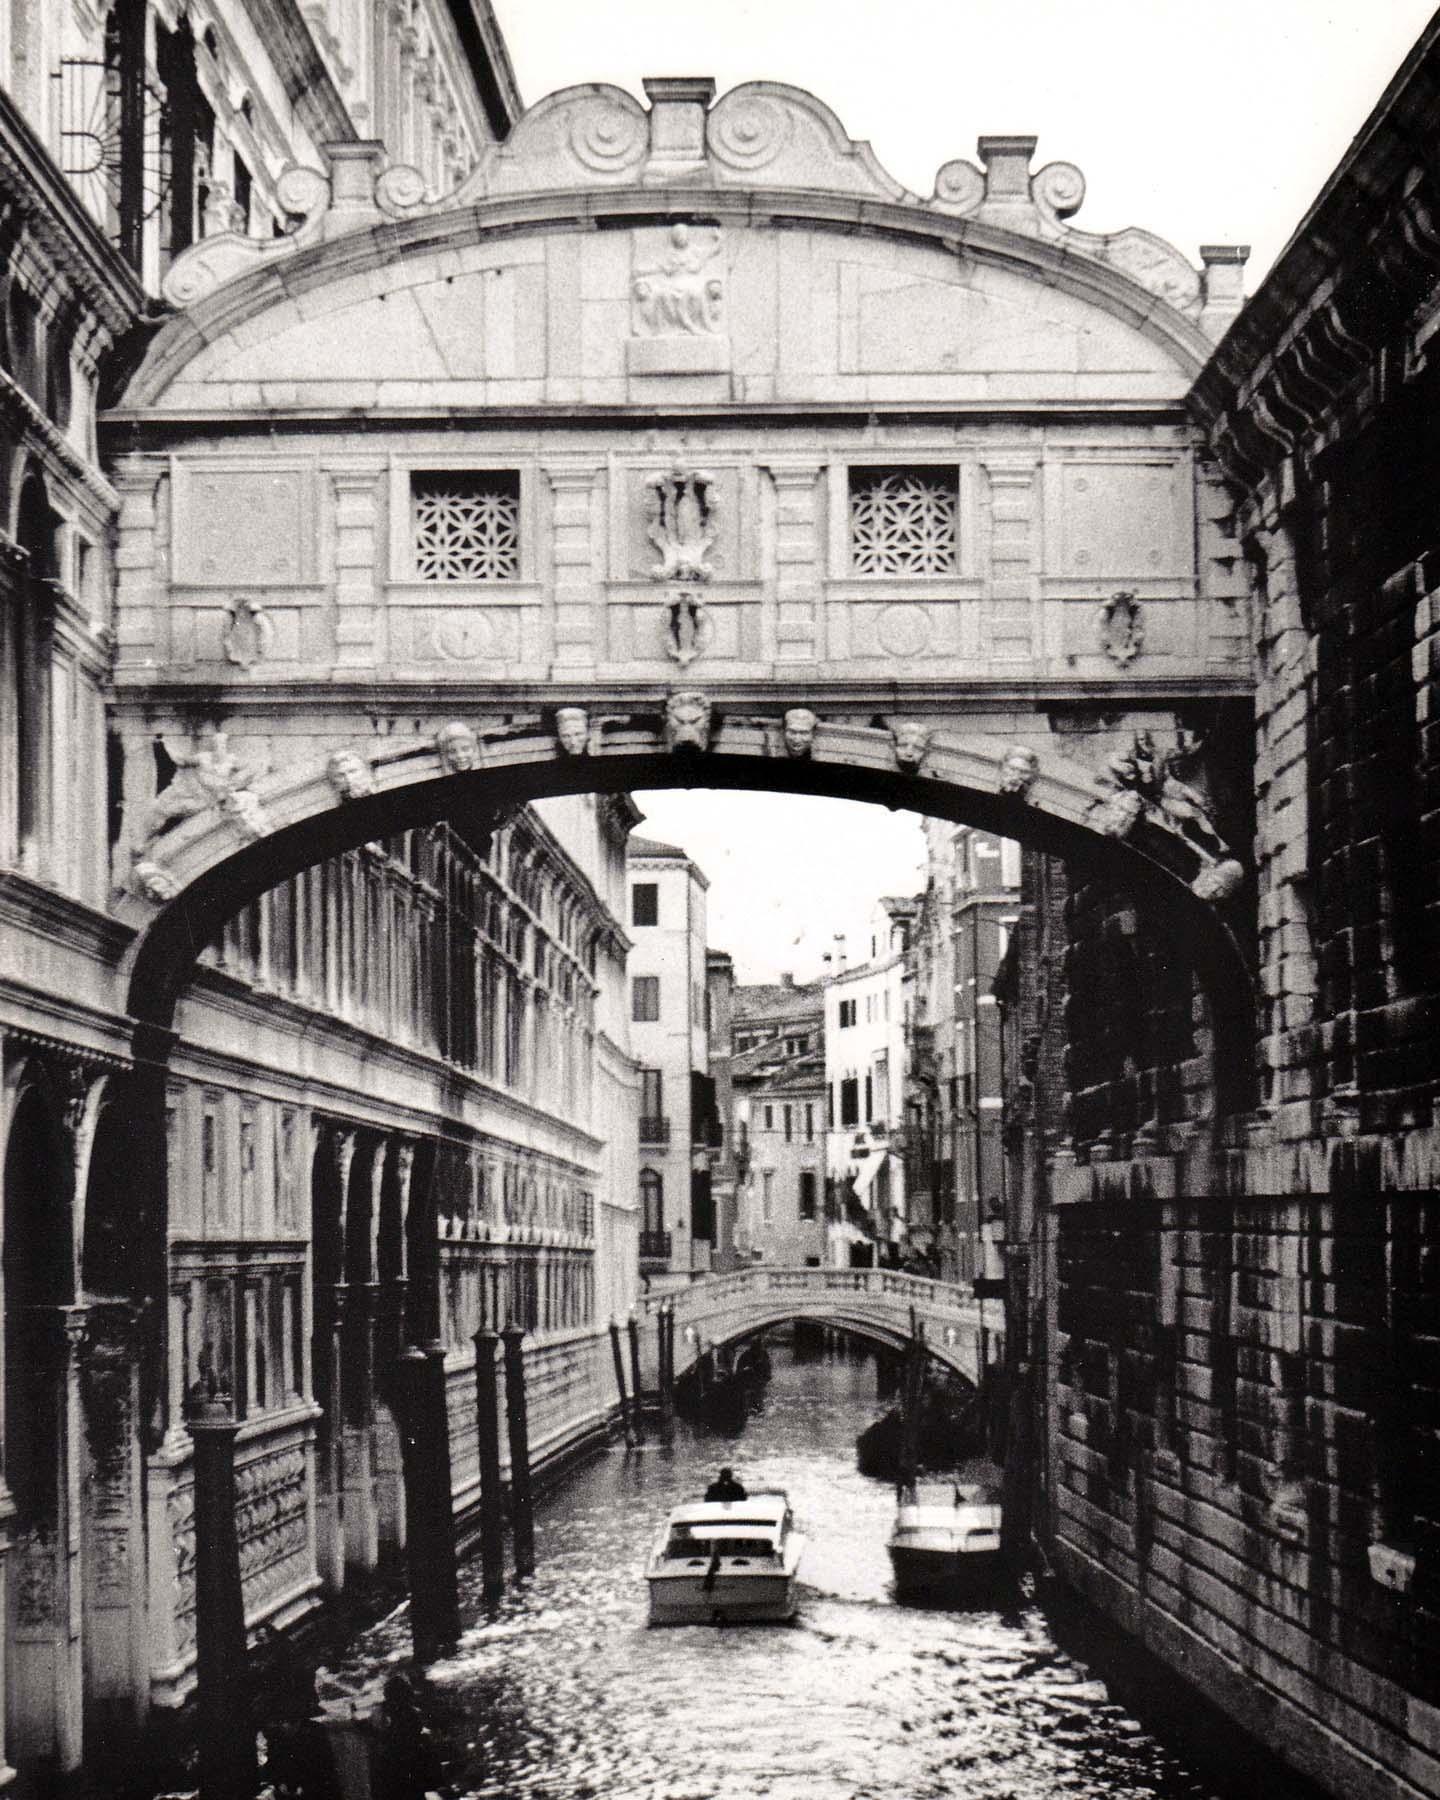 Ahhh...Venice